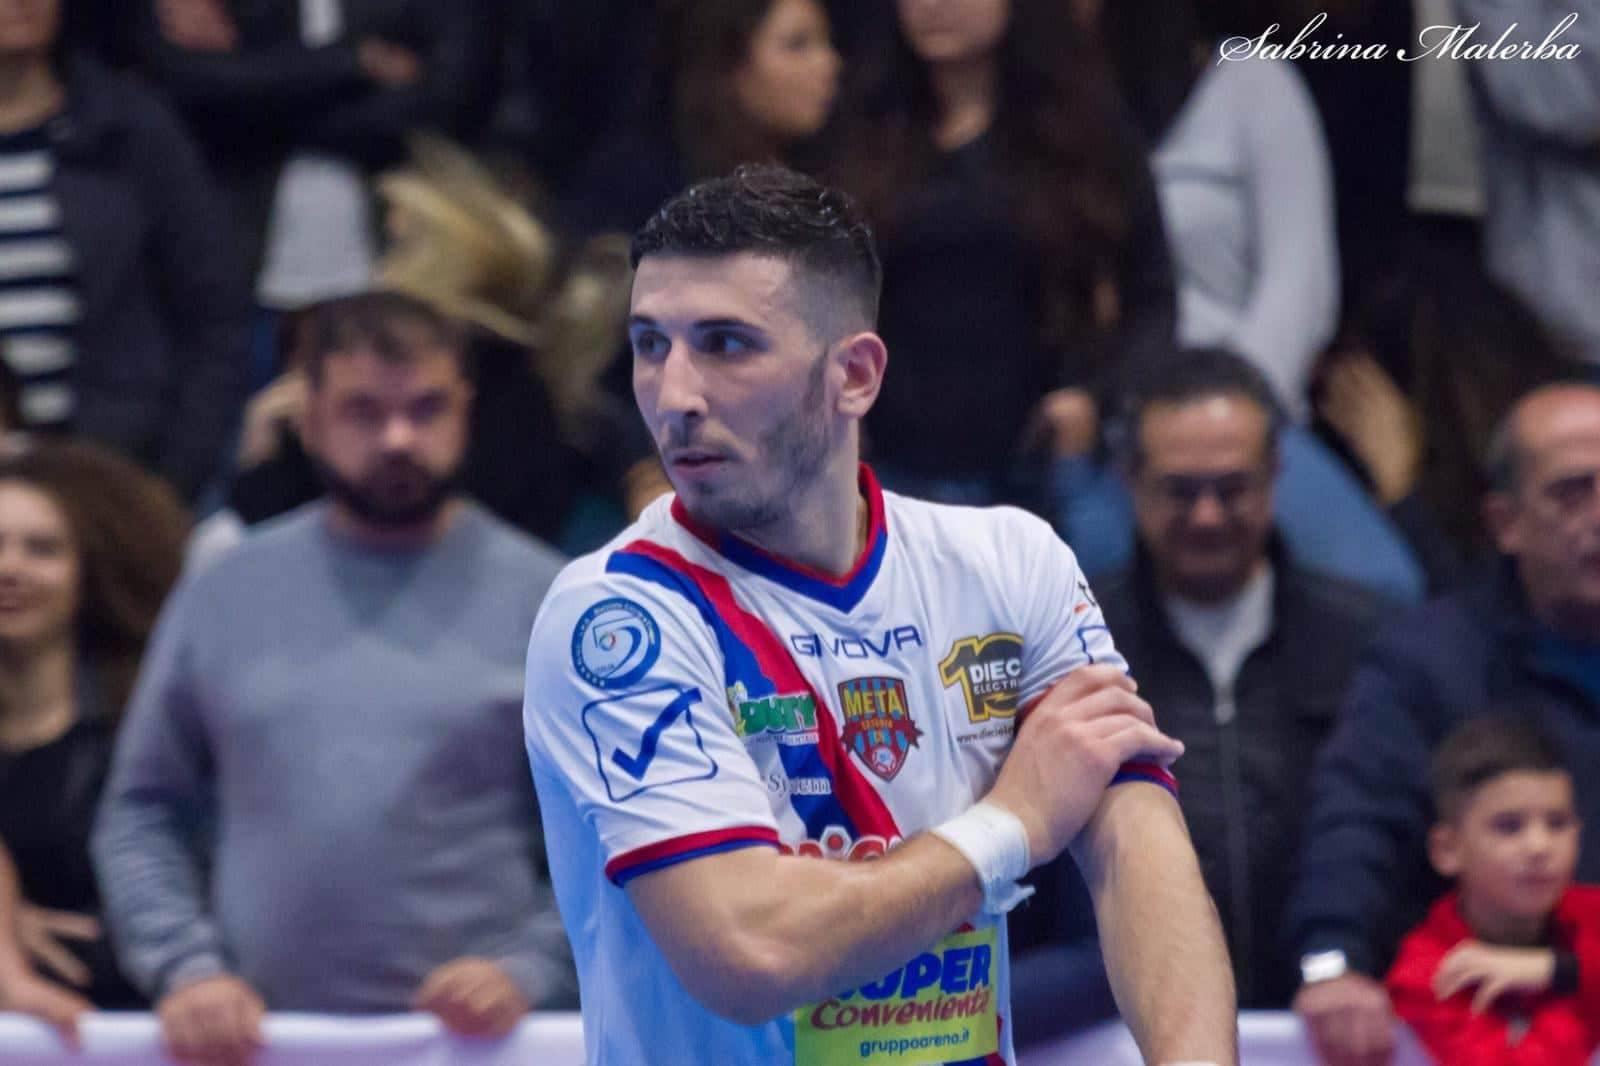 Real Rieti-Meta Catania 1-0 : i pali e la sfortuna fermano gli etnei